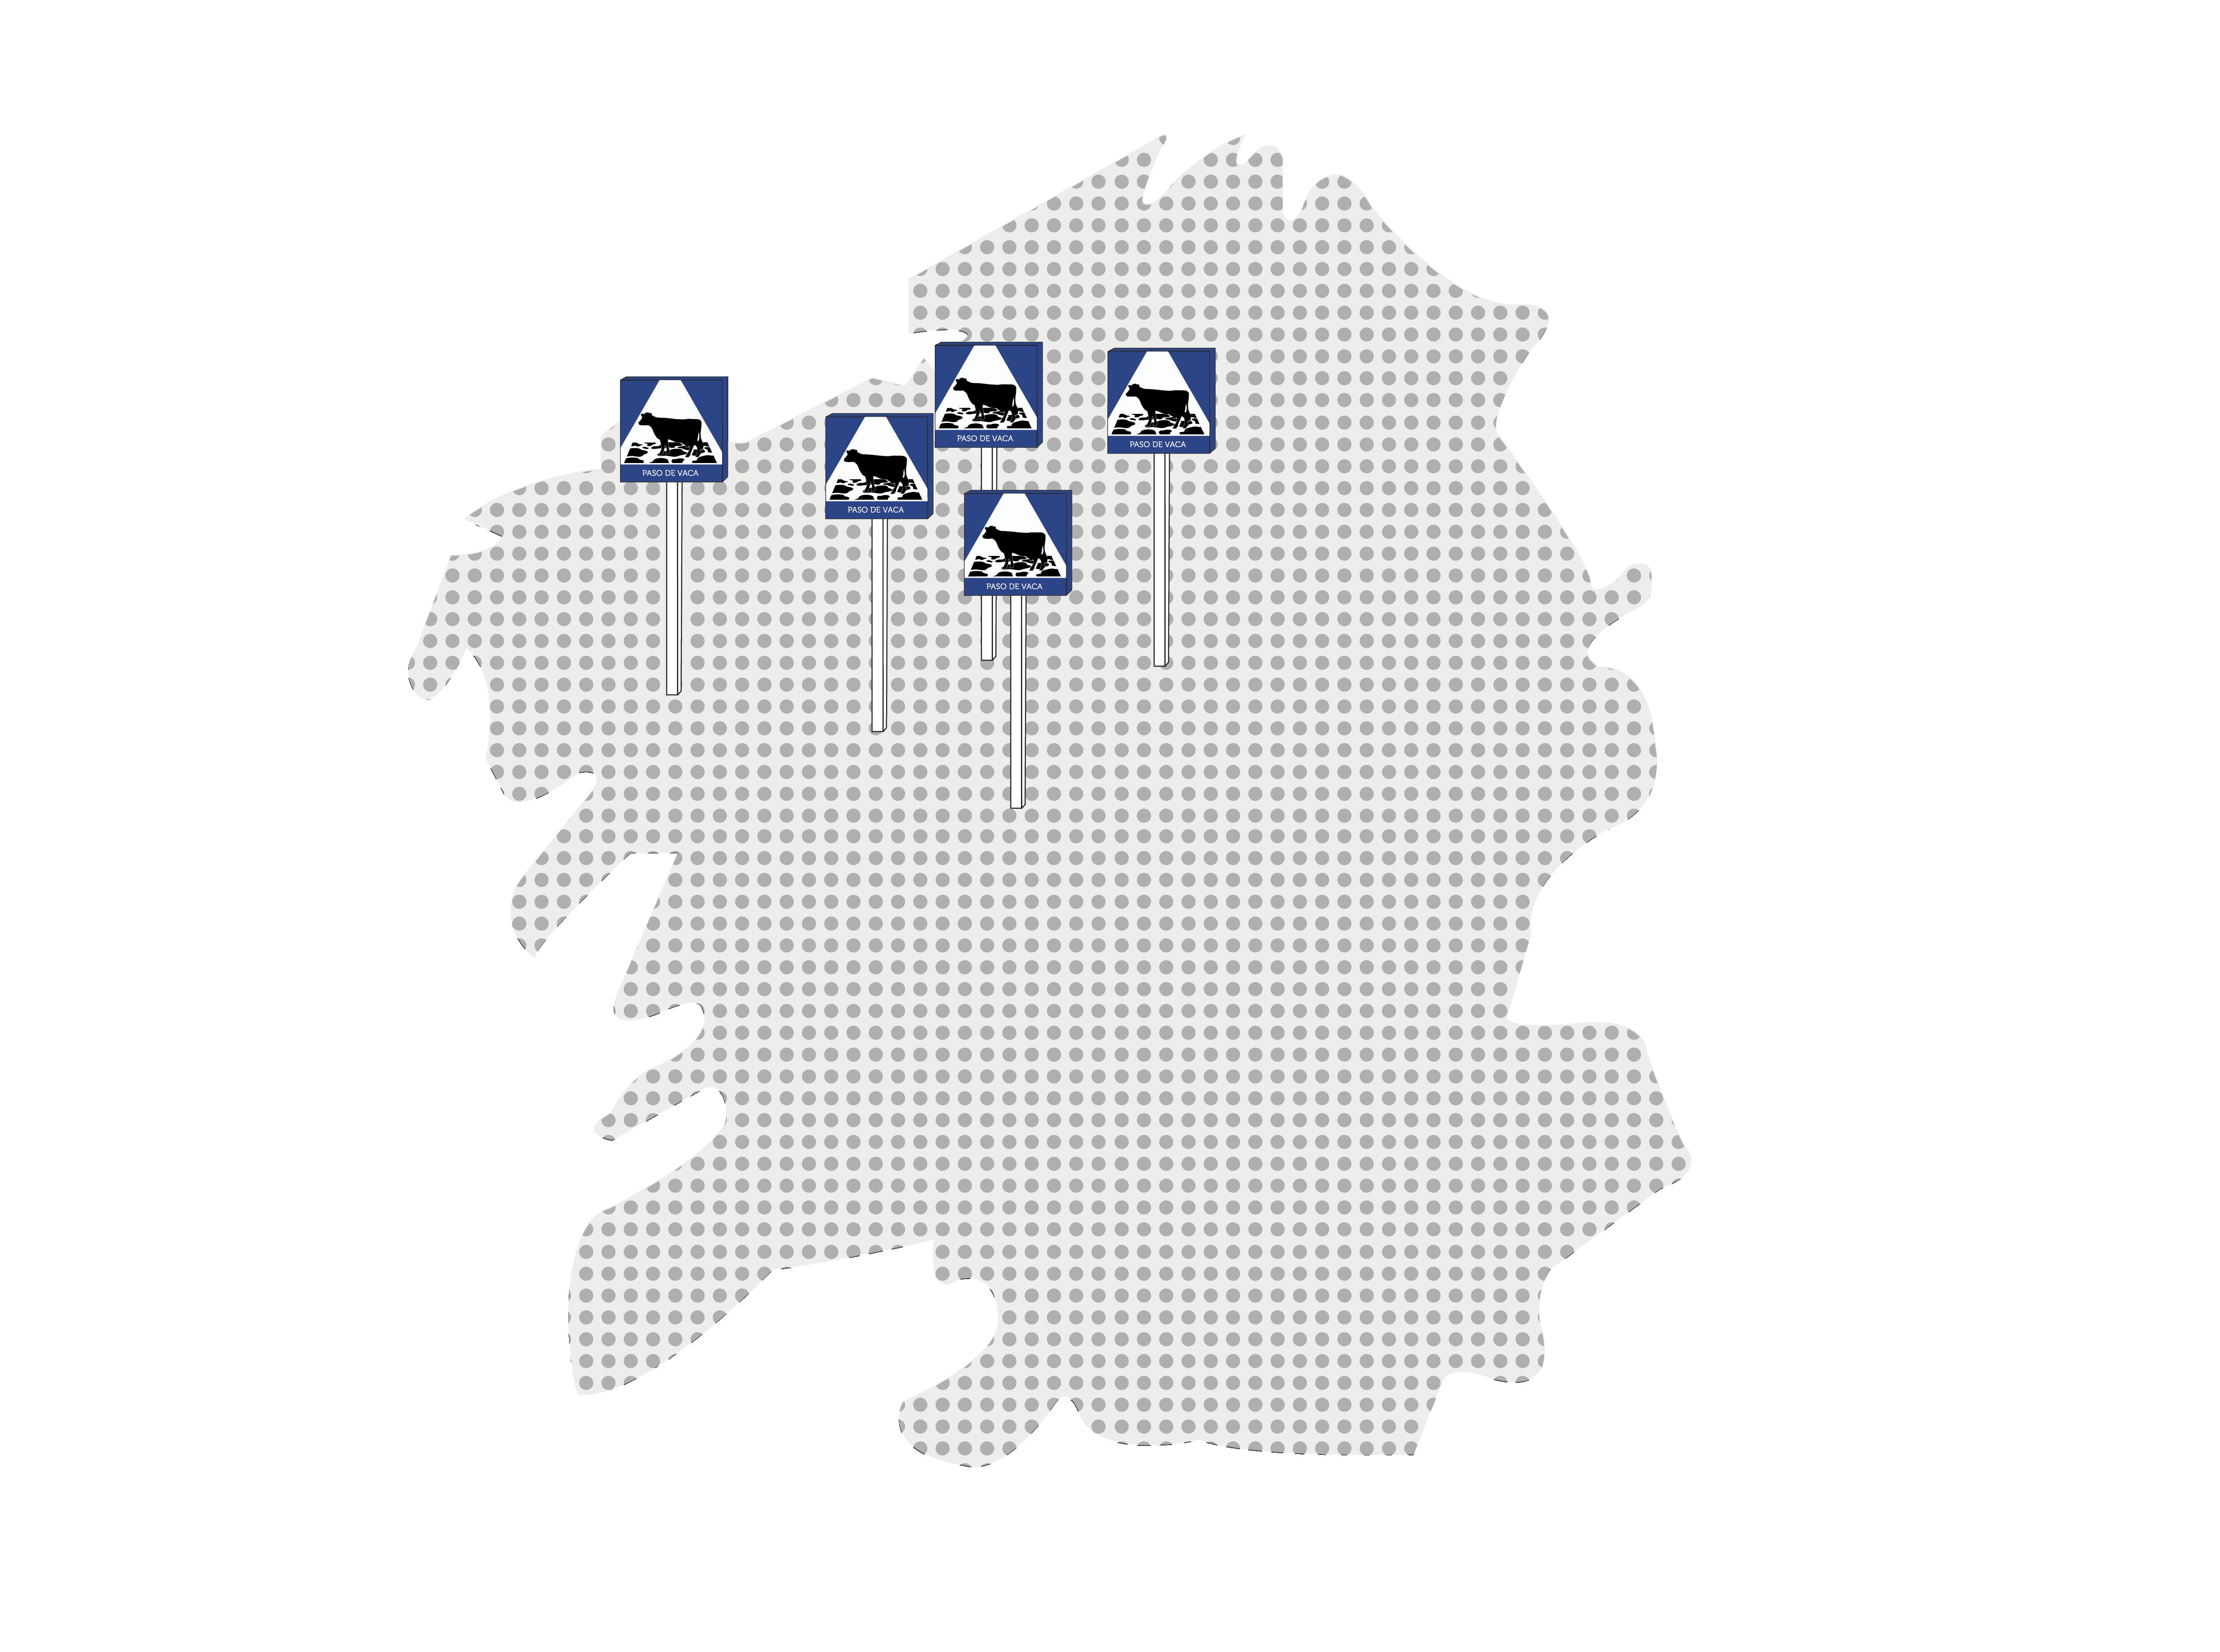 mapa xanceda 5 señales galicia